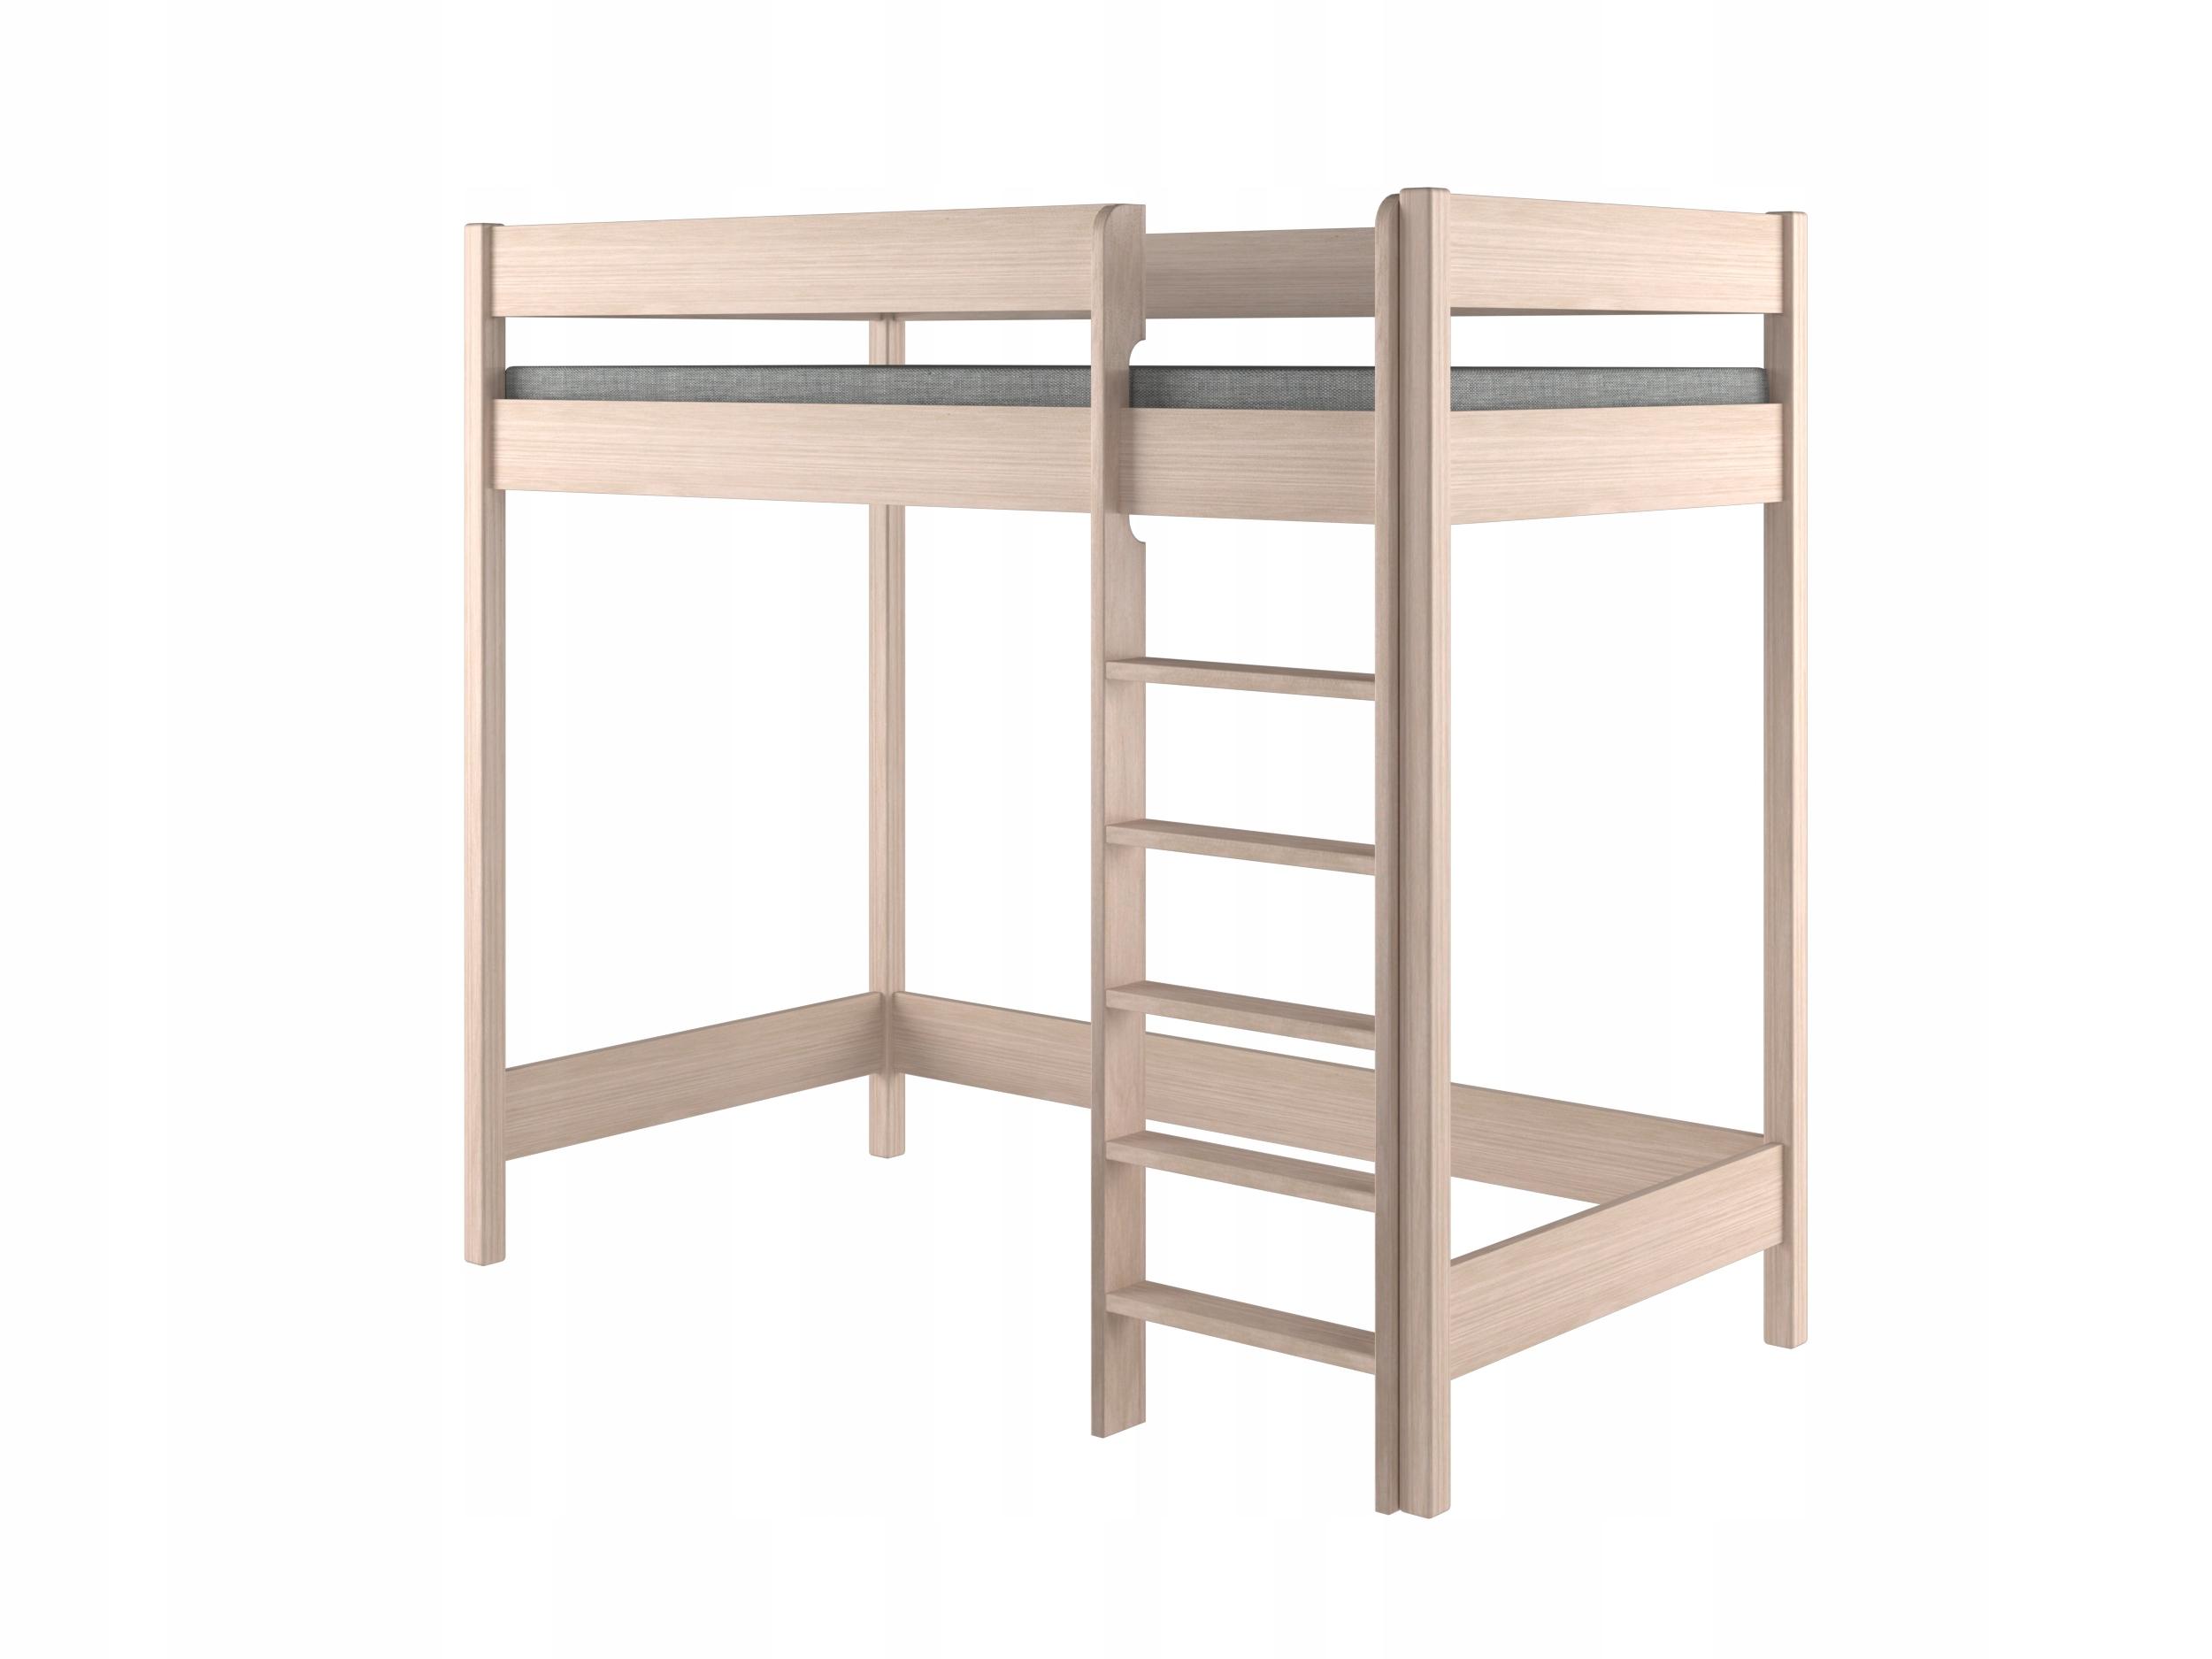 łóżko łóżka Piętrowe Dla Dziecka Antresola Tanio